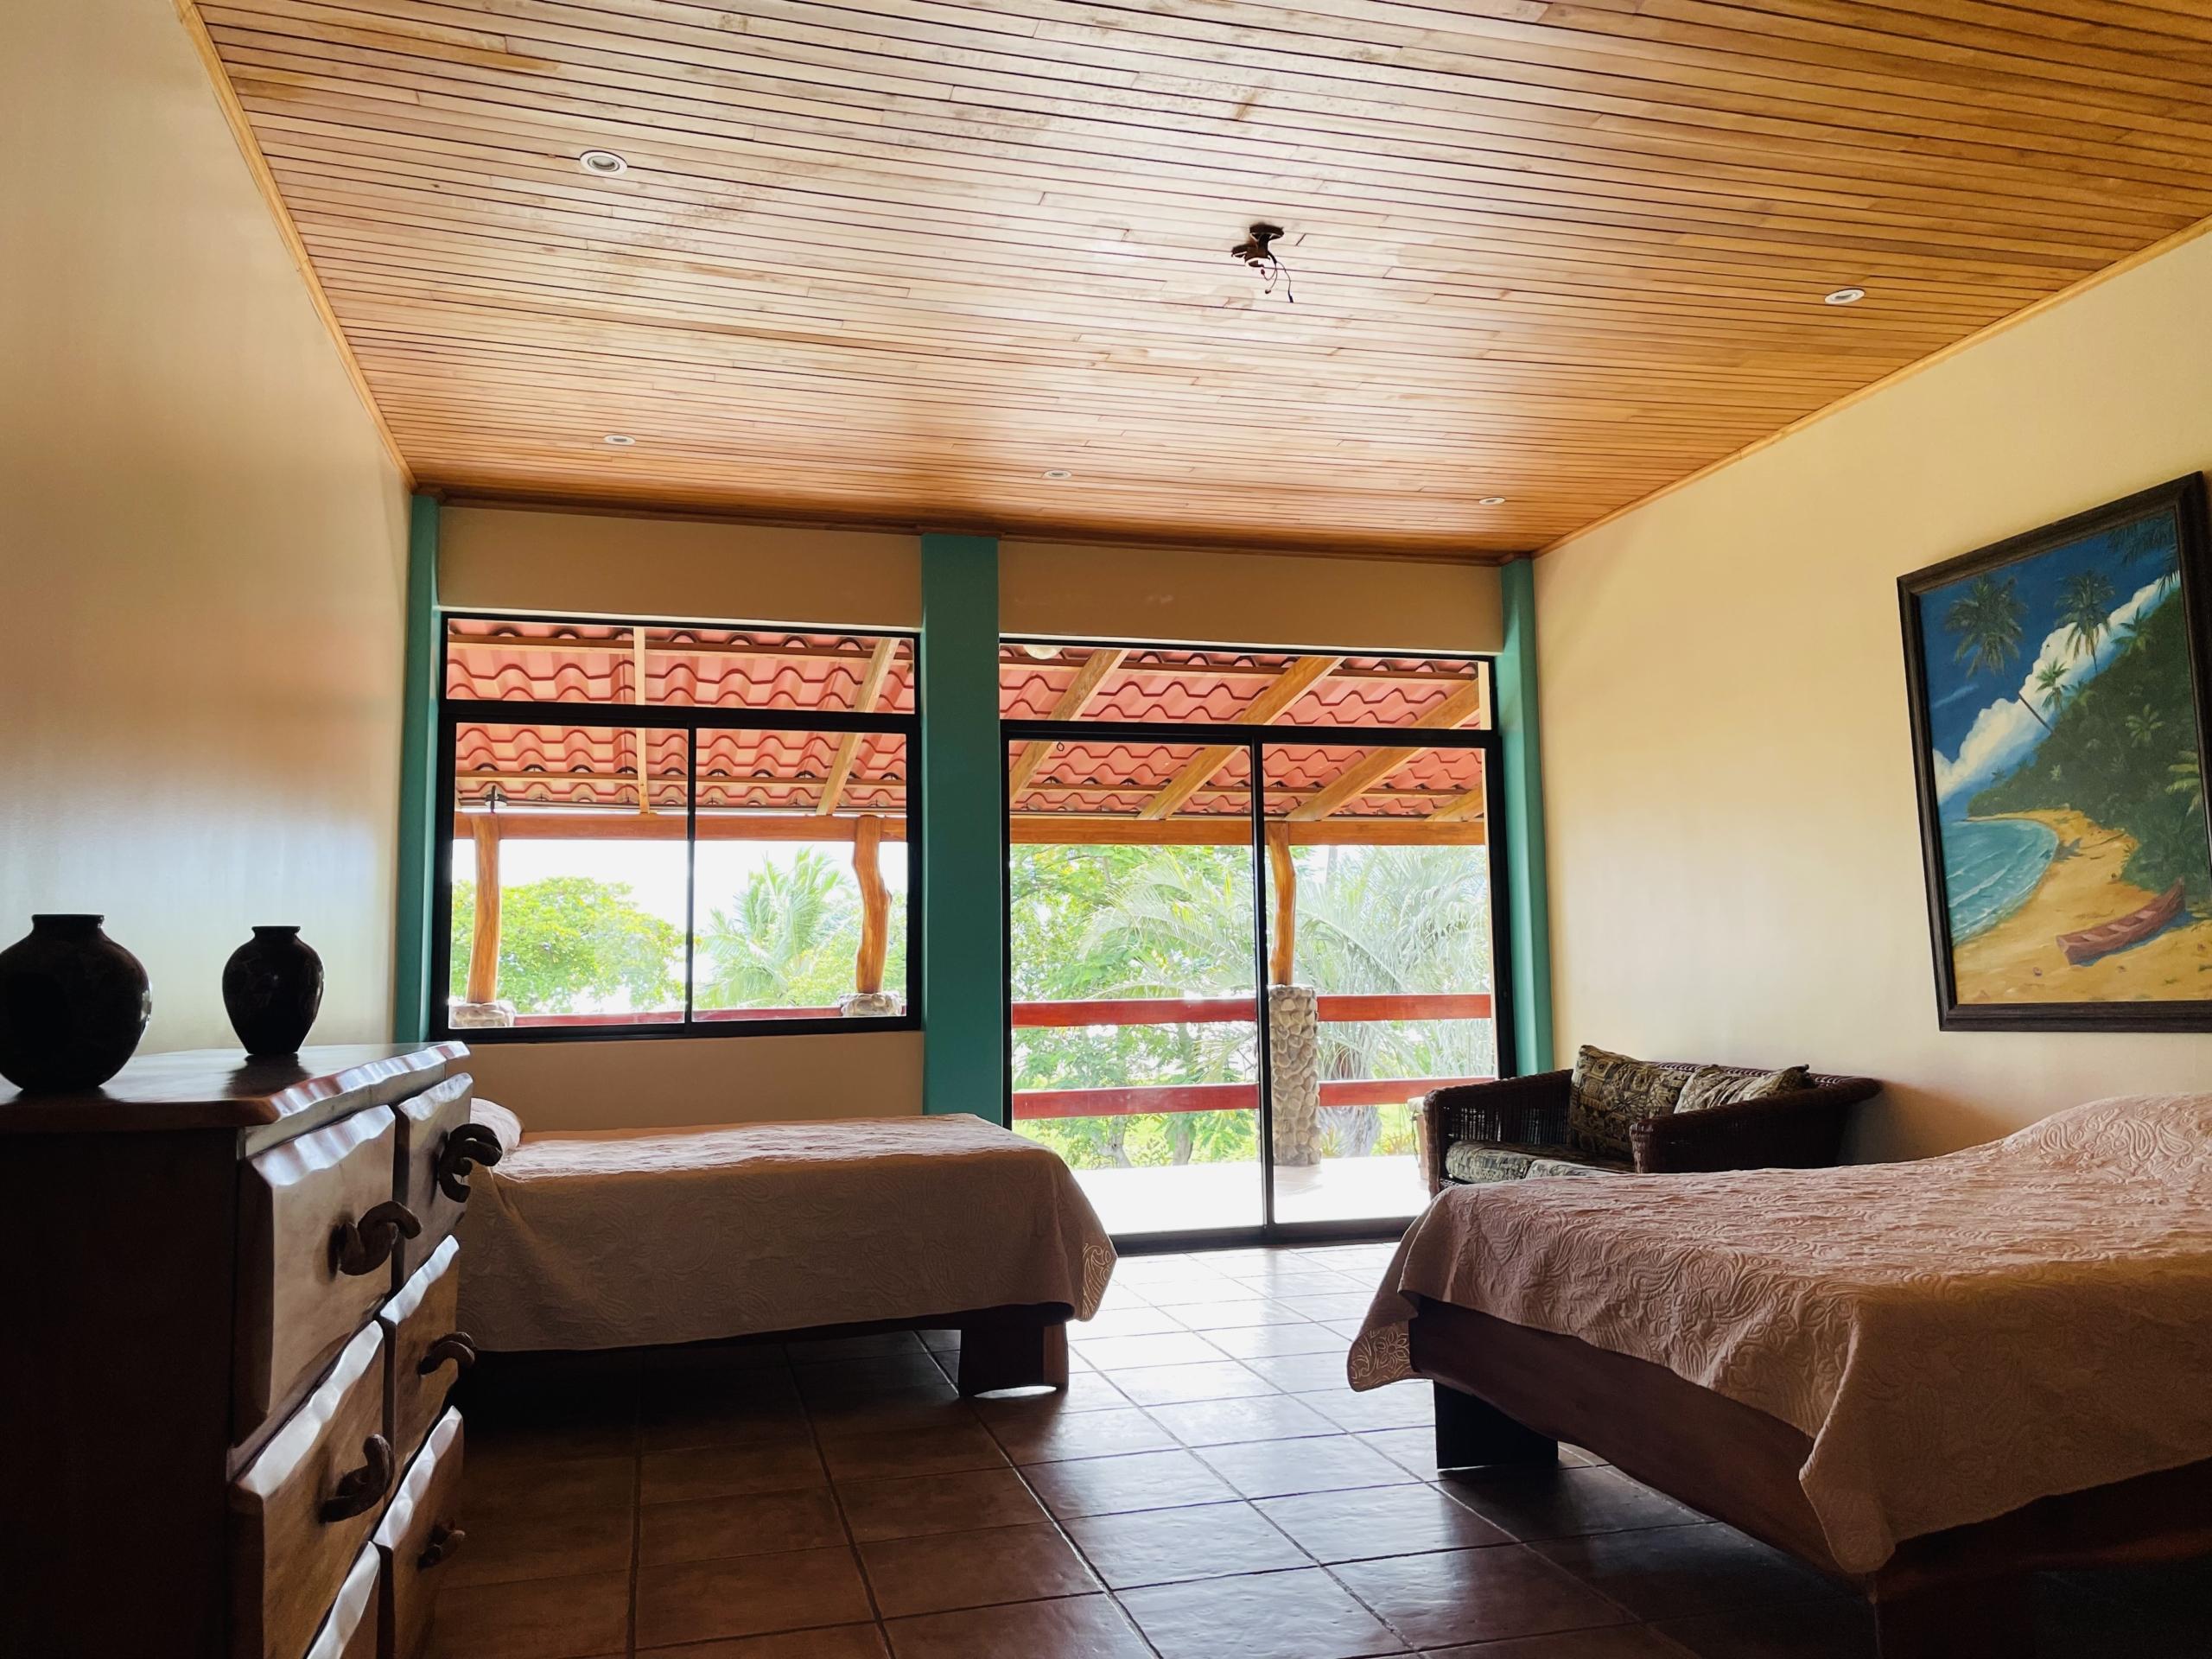 boca-barranca-guest-room-1